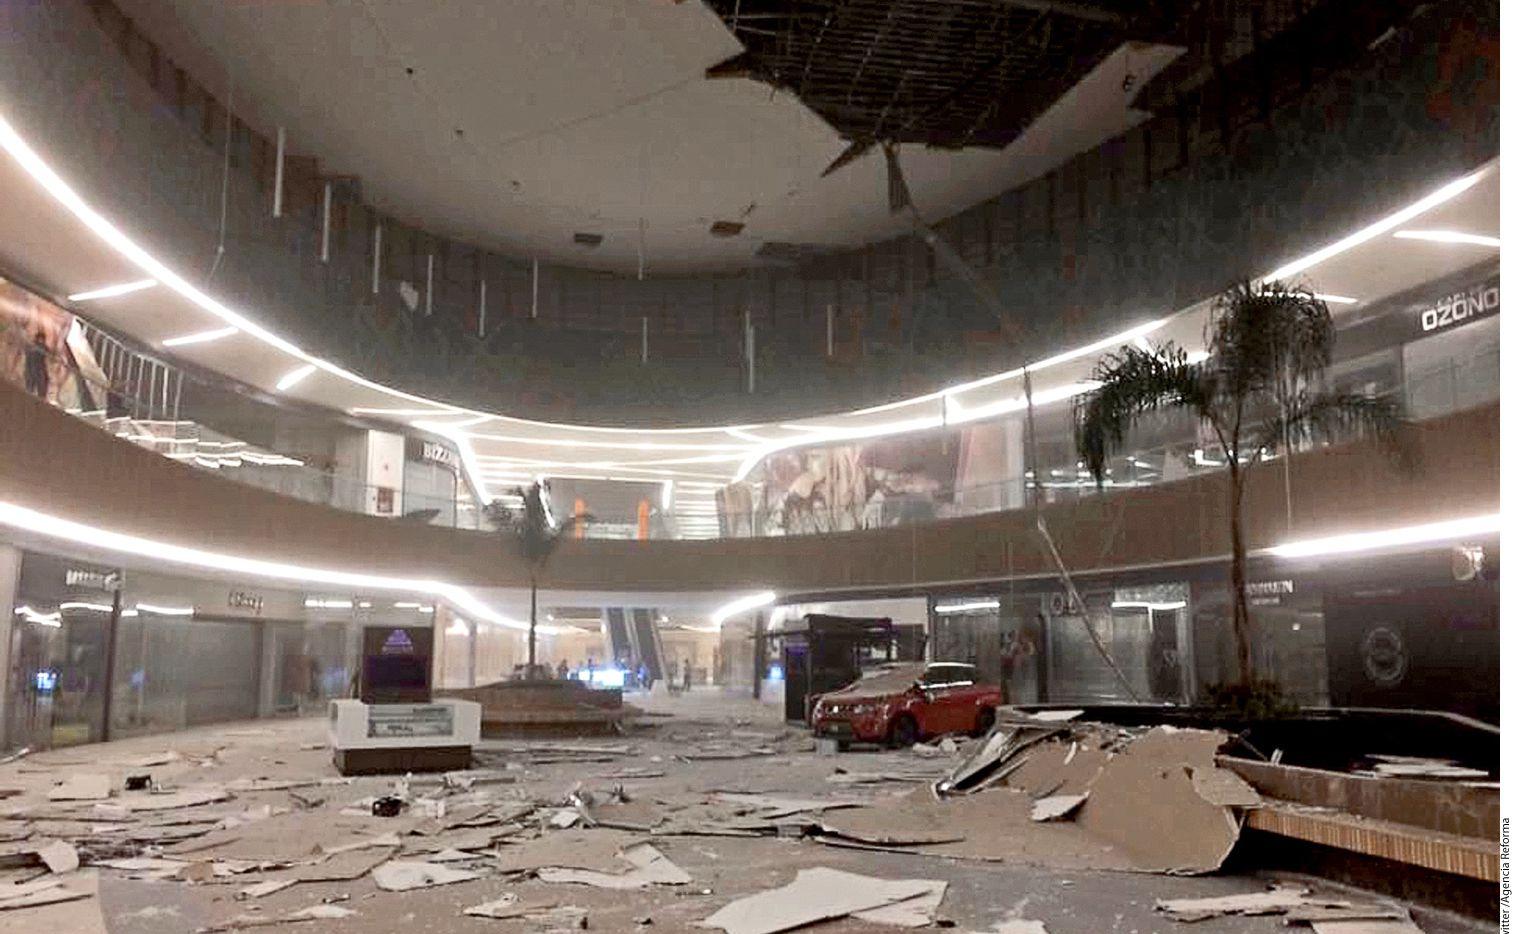 La plaza Ámbar, inaugurada recientemente en Tuxtla Gutiérrez, Chiapas, sufrió daños en techo y muros./AGENCIA REFORMA